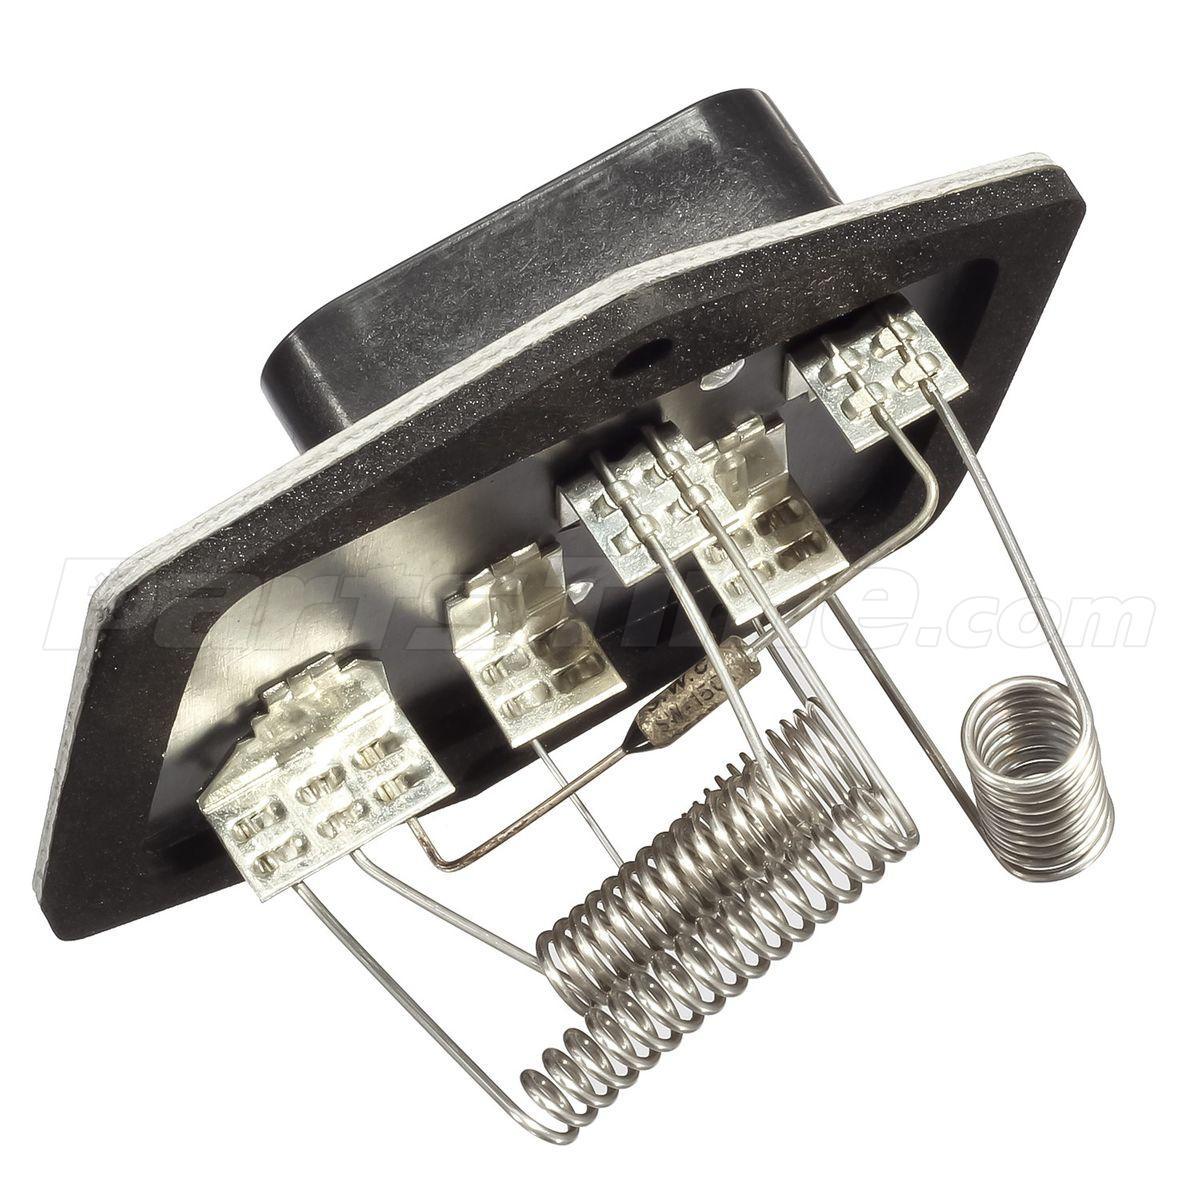 Blower Motor Resistor For 1995-00 CHEVROLET C1500 C2500